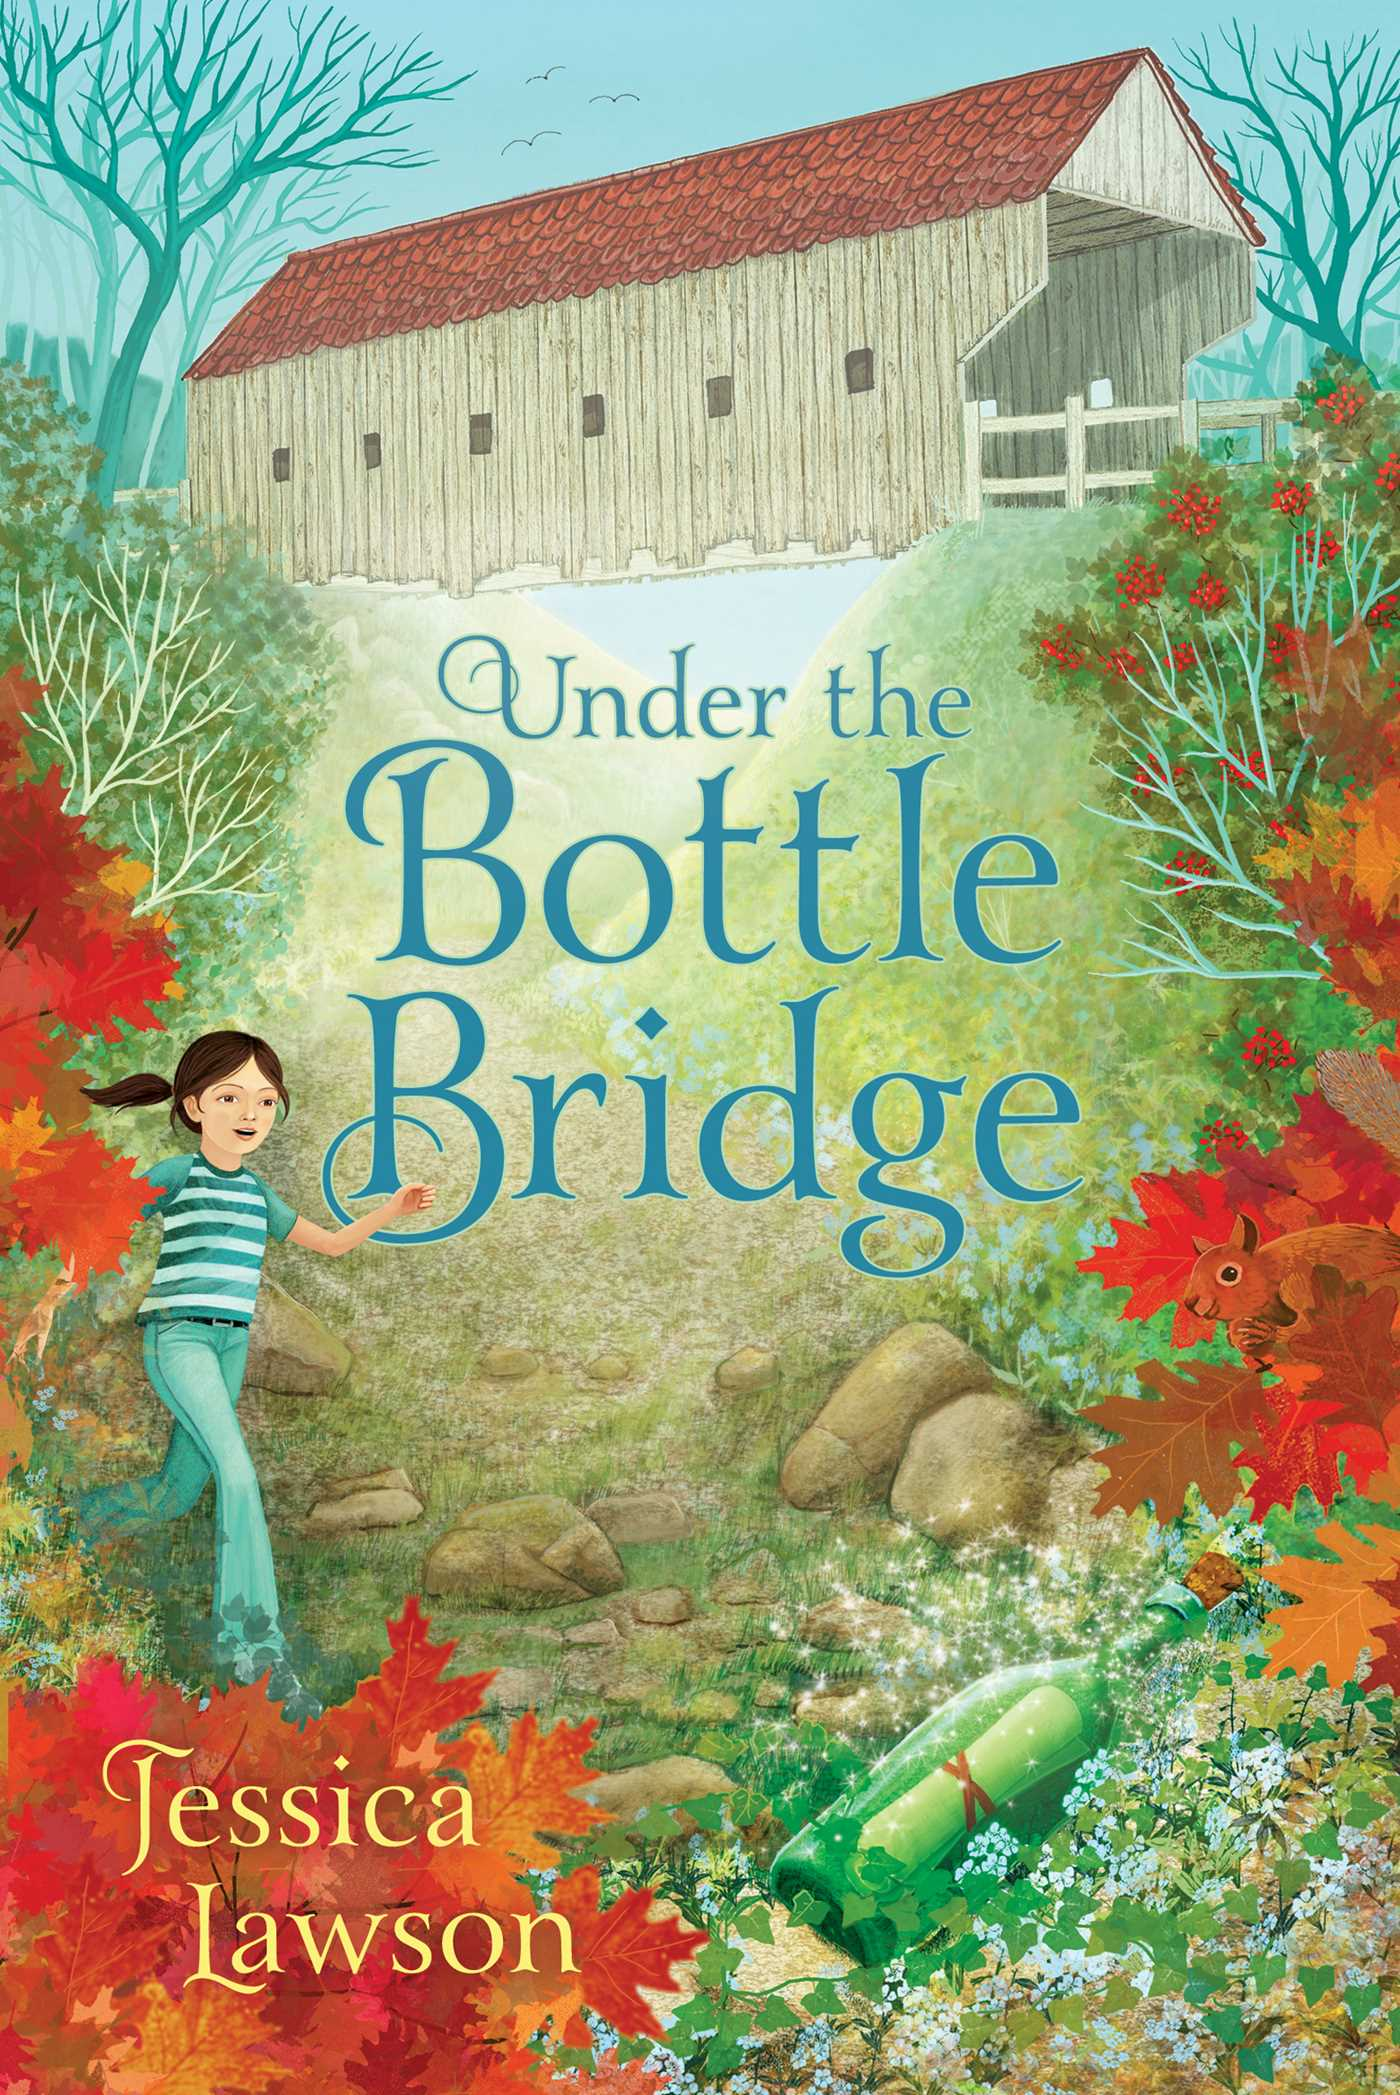 Under the bottle bridge 9781481448420 hr